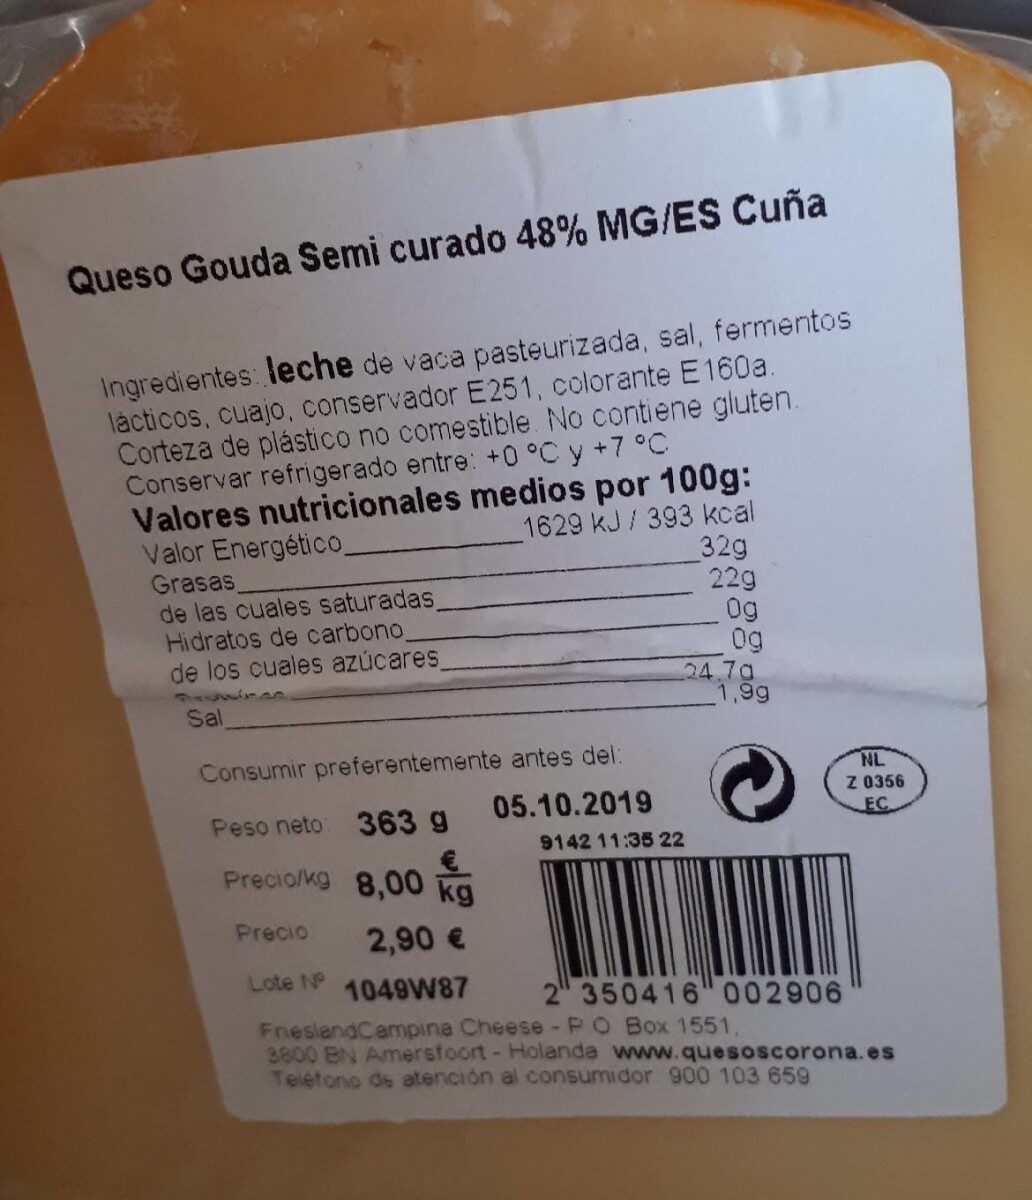 Gouda semi curado - Información nutricional - es